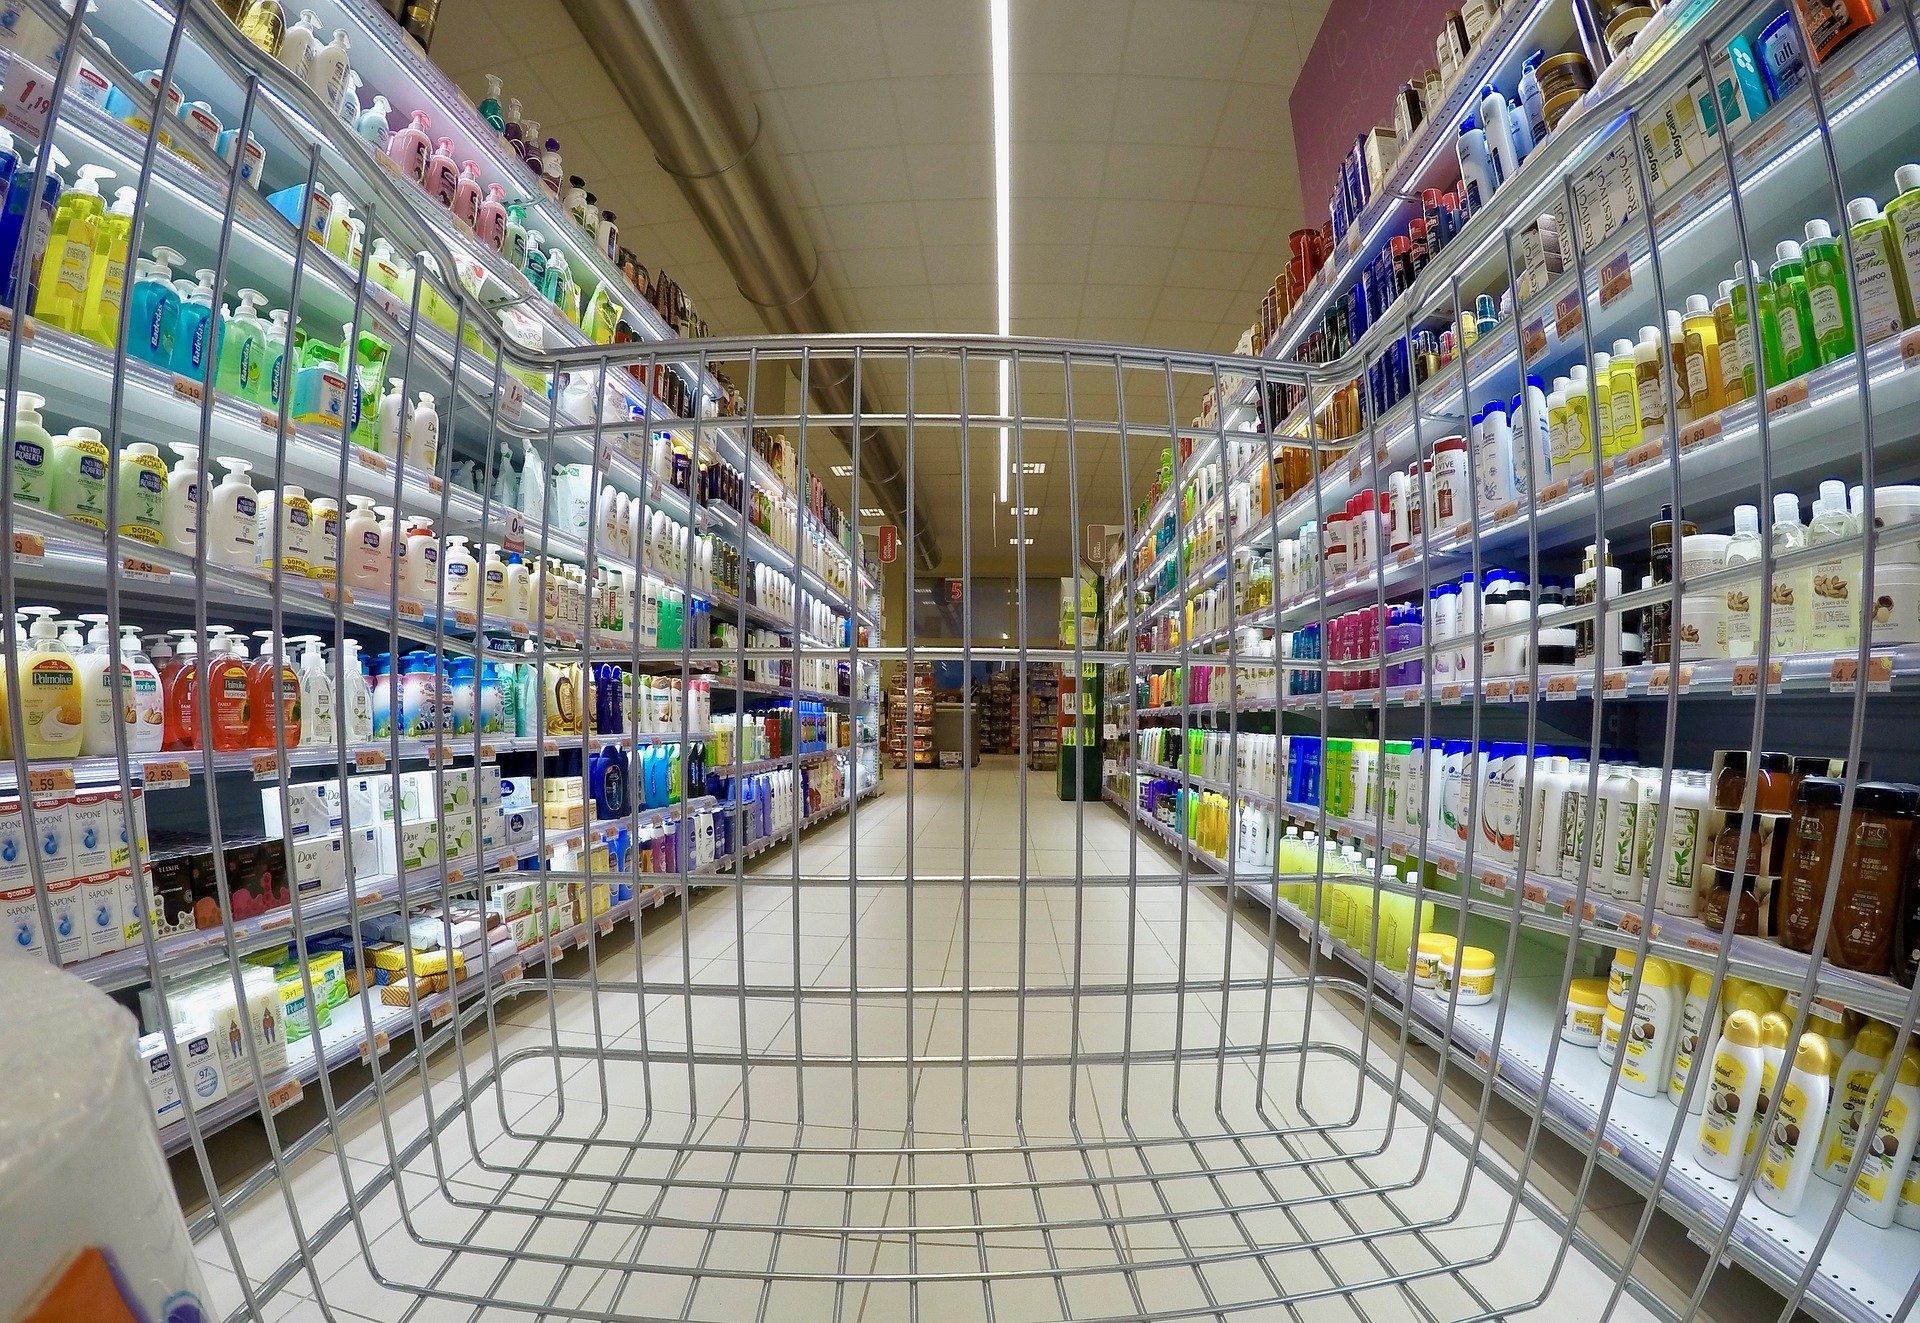 Azioni legate ai beni di consumo, cosa sapere per investire